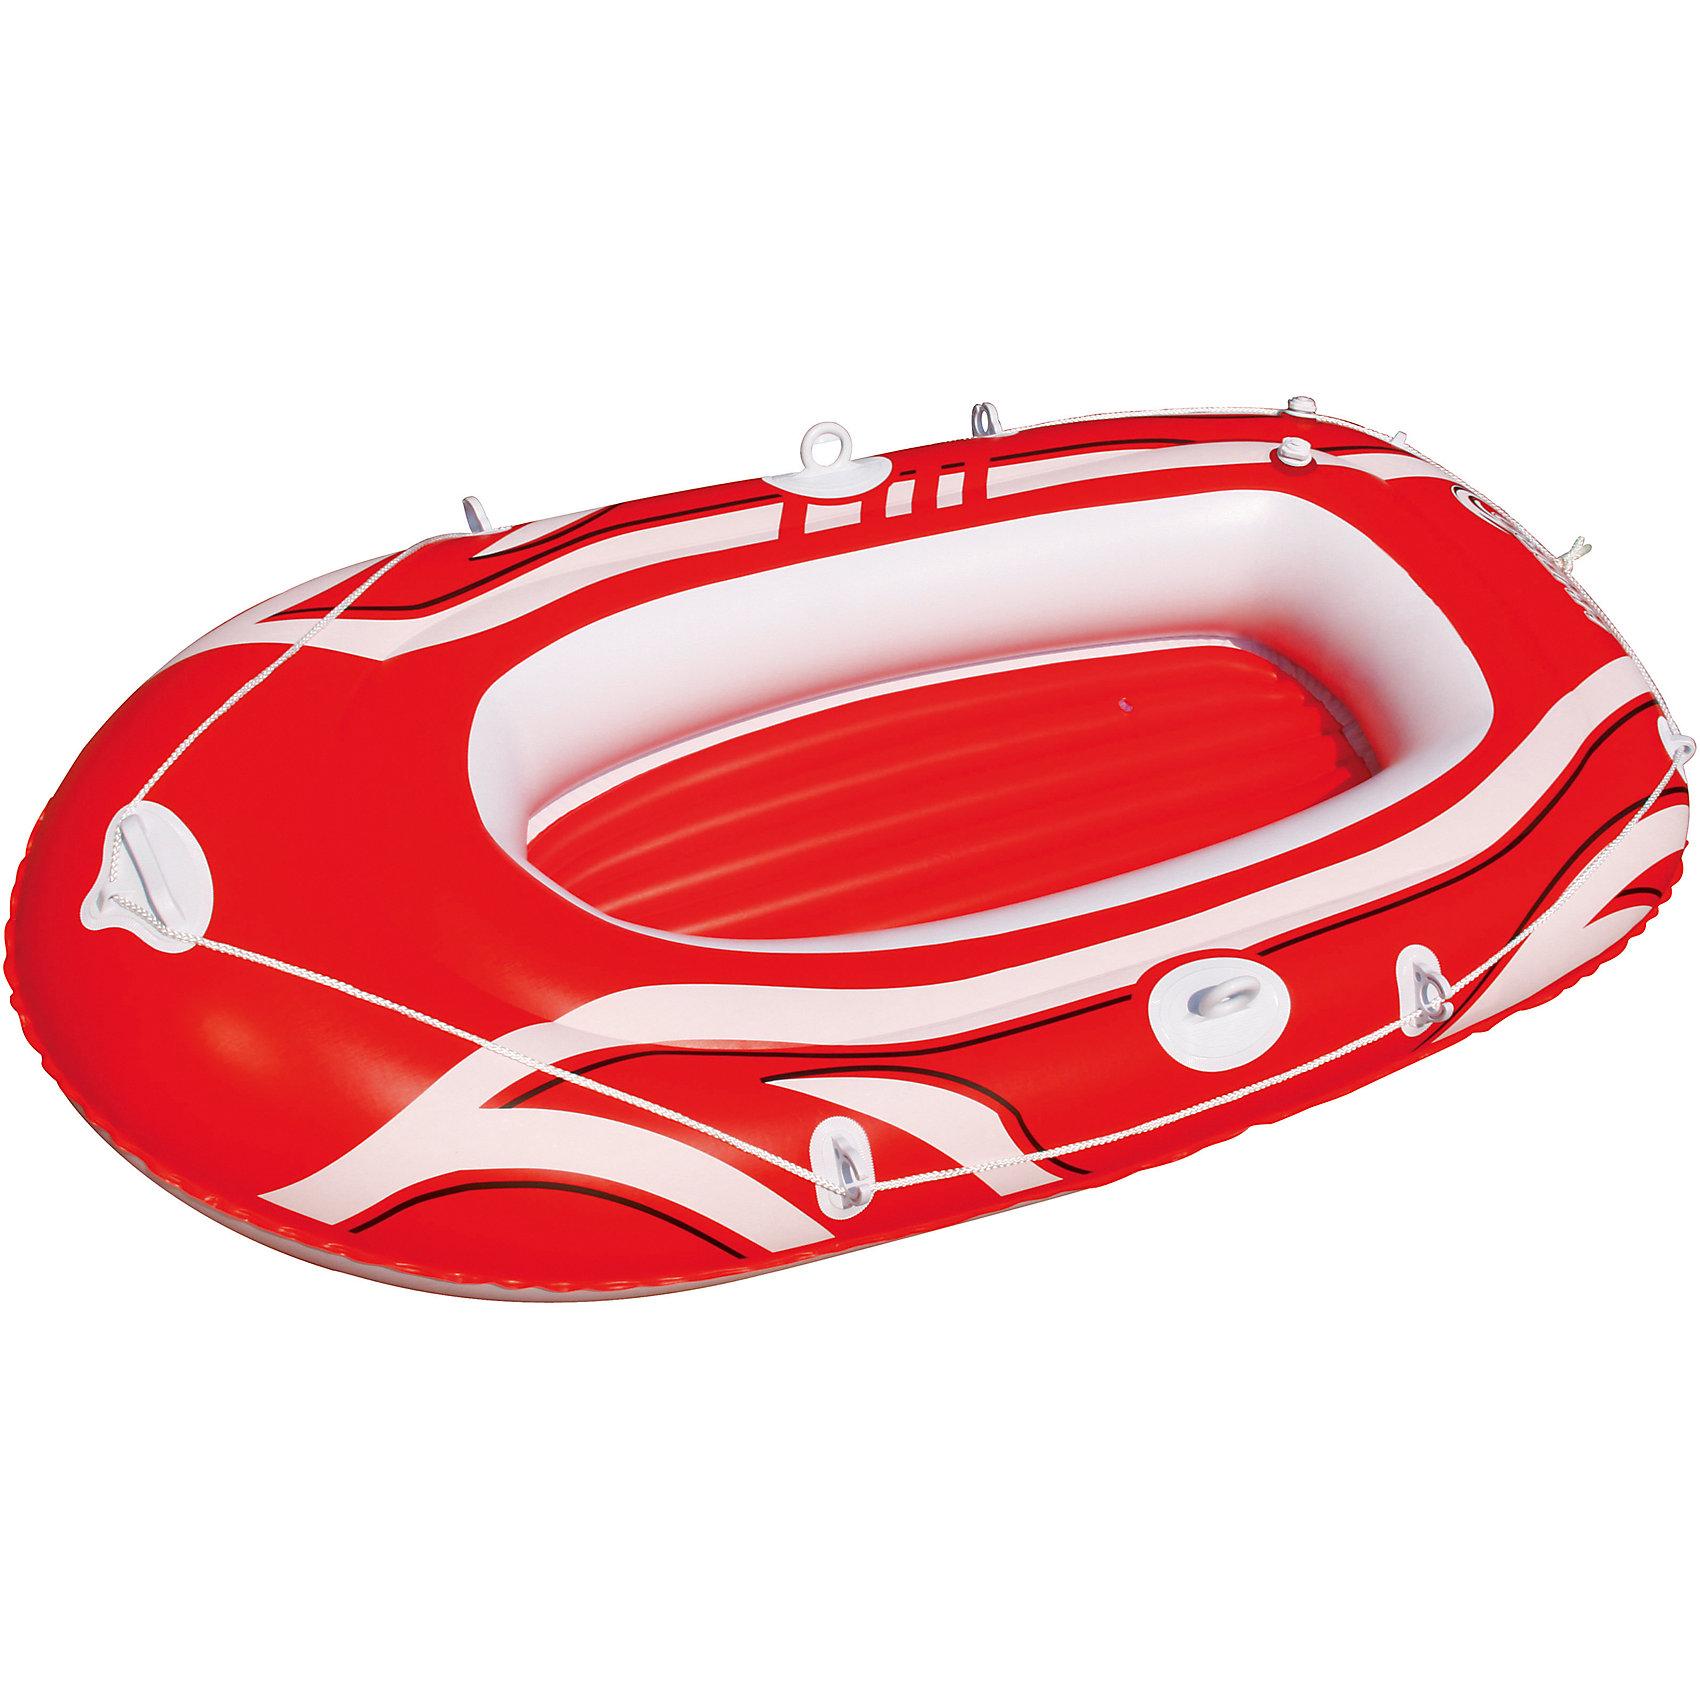 Надувная лодка с двухкамерным бортом, Bestway, краснаяМатрасы и лодки<br>Характеристики товара:<br><br>• материал: винил<br>• цвет: красный<br>• размер: 188х98 см<br>• комплектация: леерный трос, уключины, ремкомплект<br>• максимальная нагрузка: 120 кг<br>• легкий прочный материал<br>• надувная<br>• яркий цвет<br>• 1,5-местная<br>• комфортный<br>• хорошо заметна на воде<br>• возраст: от 3 лет<br>• страна бренда: США, Китай<br>• страна производства: Китай<br><br>Это отличный способ научить малышей не бояться воды и обеспечить детям (и взрослым тоже) веселое времяпровождение! Лодка поможет ребенку больше времени проводить на воде.<br><br>Предмет сделан из прочного материала, но очень легкого - отлично держится на воде. Лодка легкая, её удобно брать с собой. Изделие произведено из качественных и безопасных для детей материалов.<br><br>Надувную лодку с двухкамерным бортом, красную, от бренда Bestway (Бествей) можно купить в нашем интернет-магазине.<br><br>Ширина мм: 350<br>Глубина мм: 90<br>Высота мм: 330<br>Вес г: 2955<br>Возраст от месяцев: 12<br>Возраст до месяцев: 1188<br>Пол: Унисекс<br>Возраст: Детский<br>SKU: 4077691